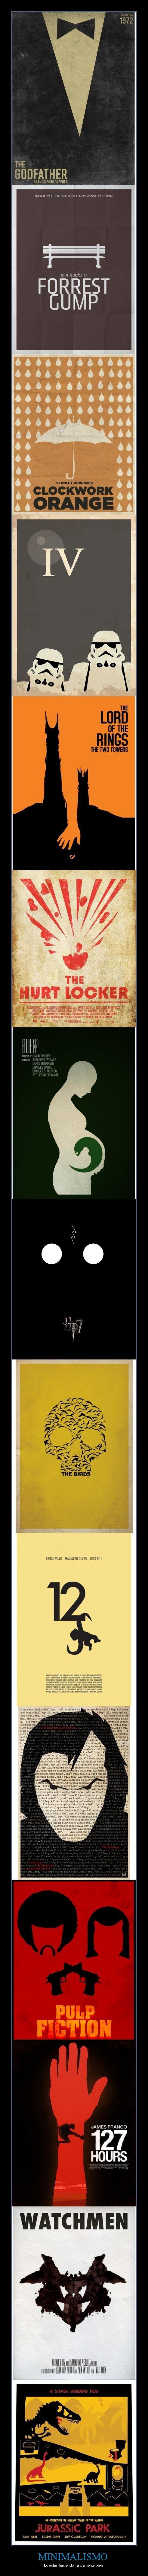 Colección de pósters minimalistas de películas